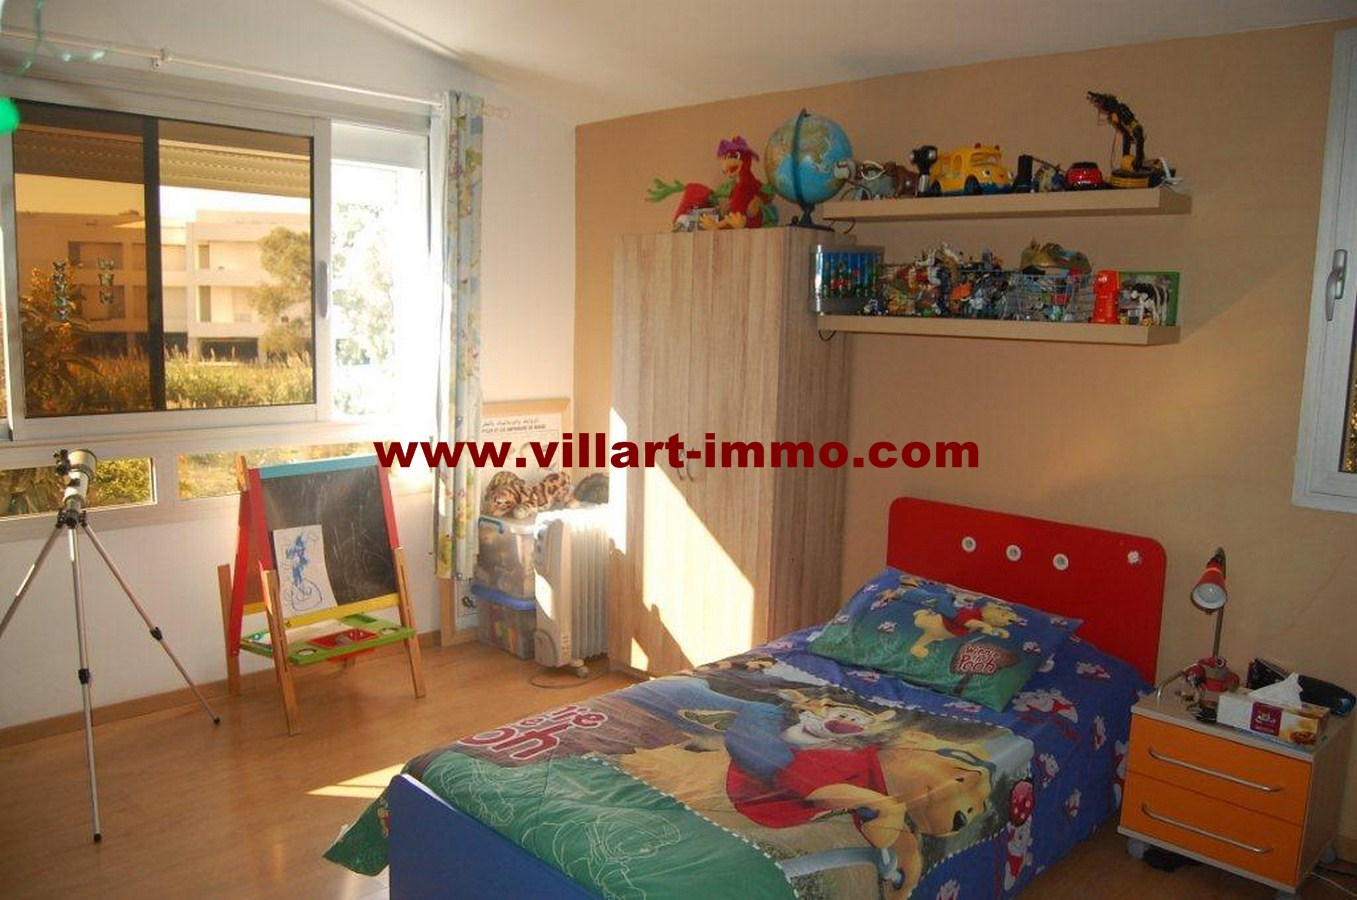 6-a-vendre-tanger-villa-californie-chambre-2-vv461-villart-immo-agence-immobiliere-copier